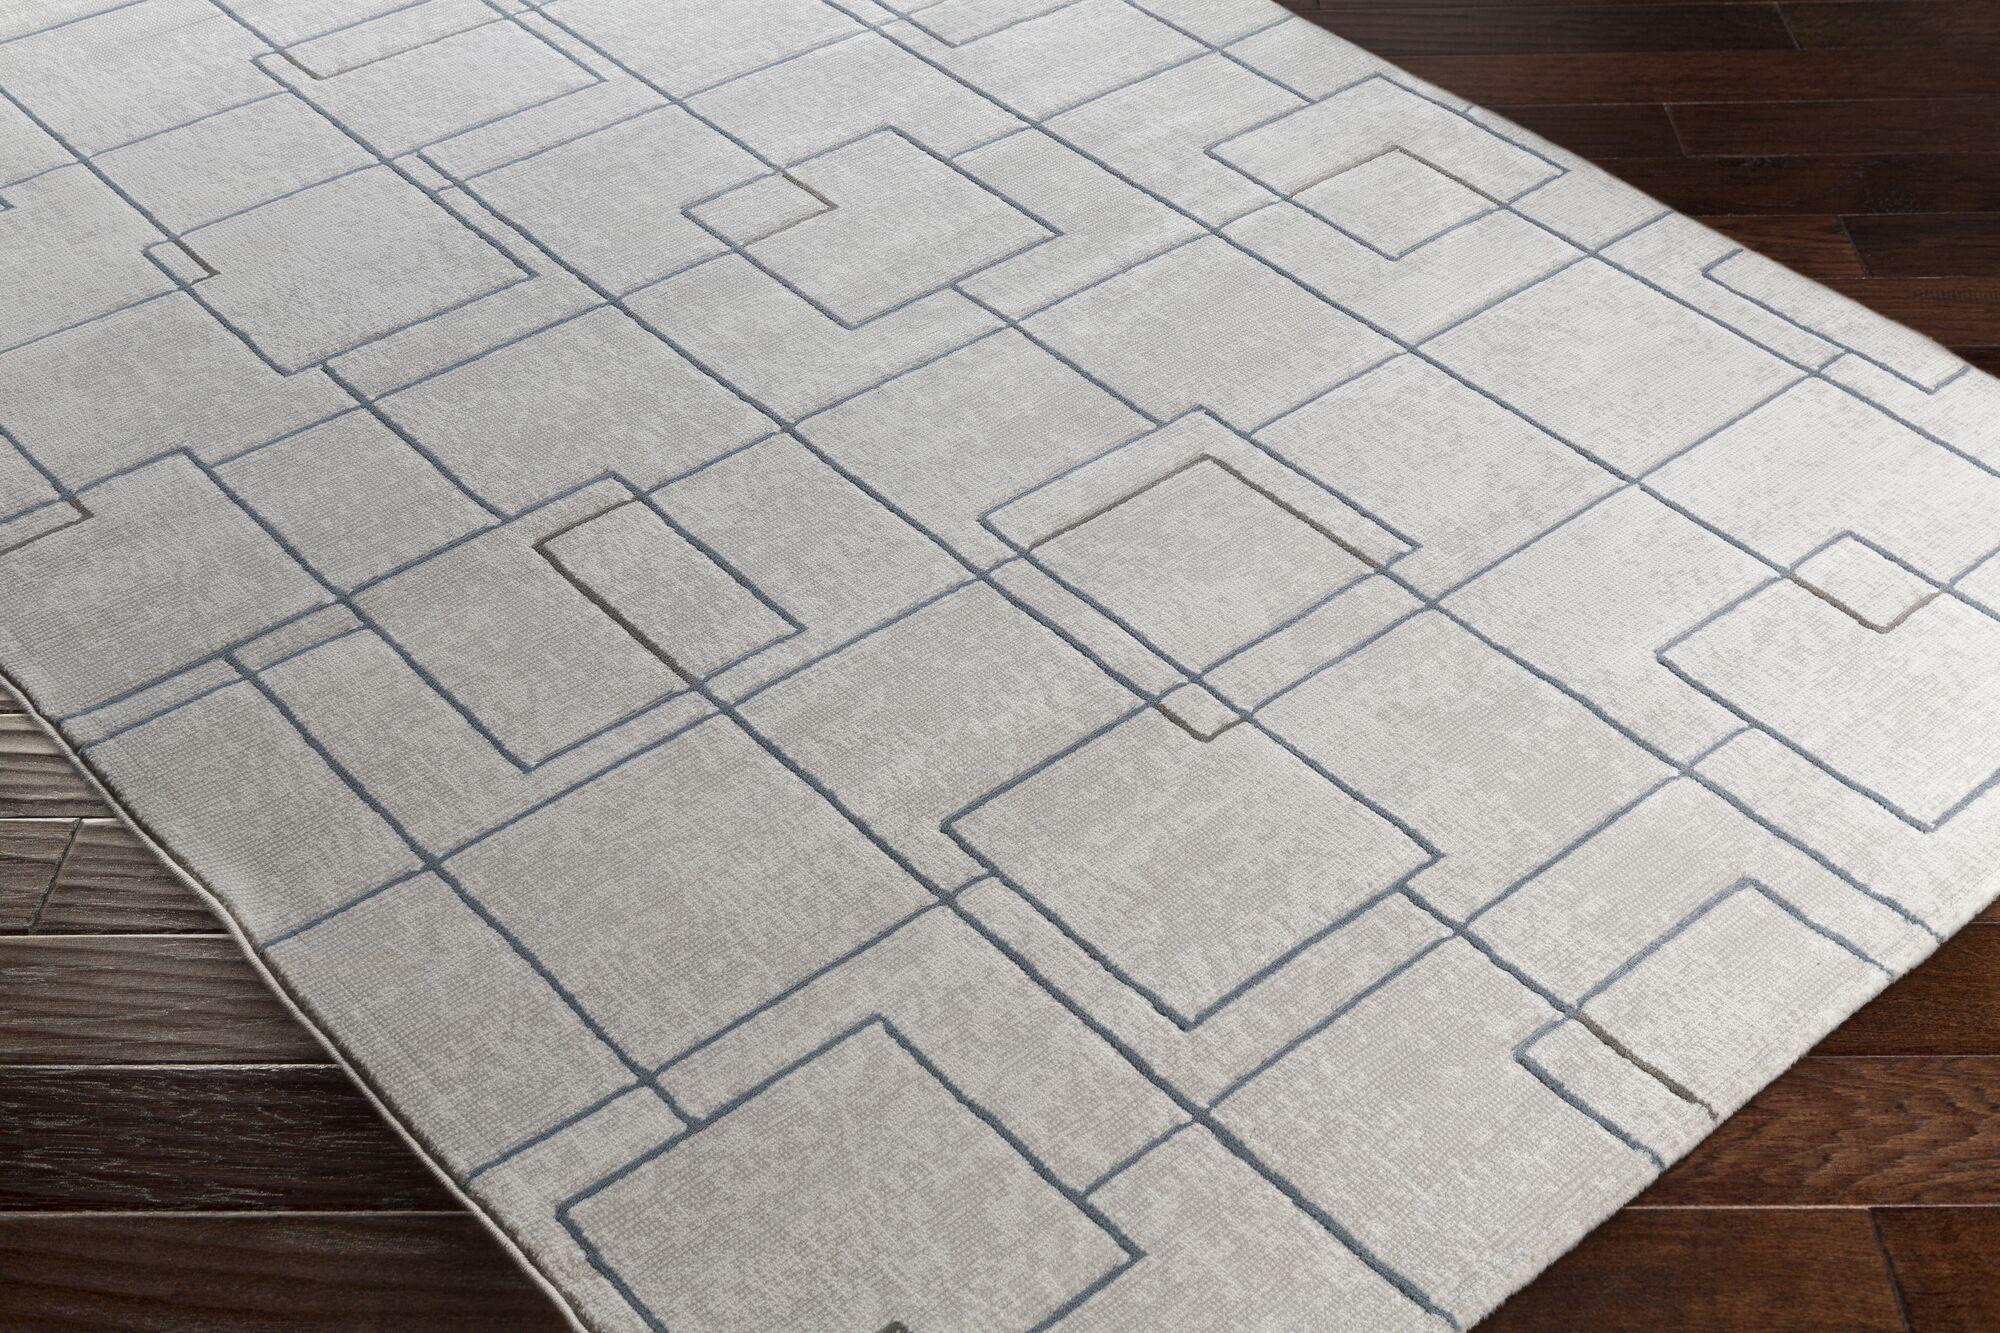 Chacon Modern White/Light Gray Area Rug Rug Size: Runner 2'7